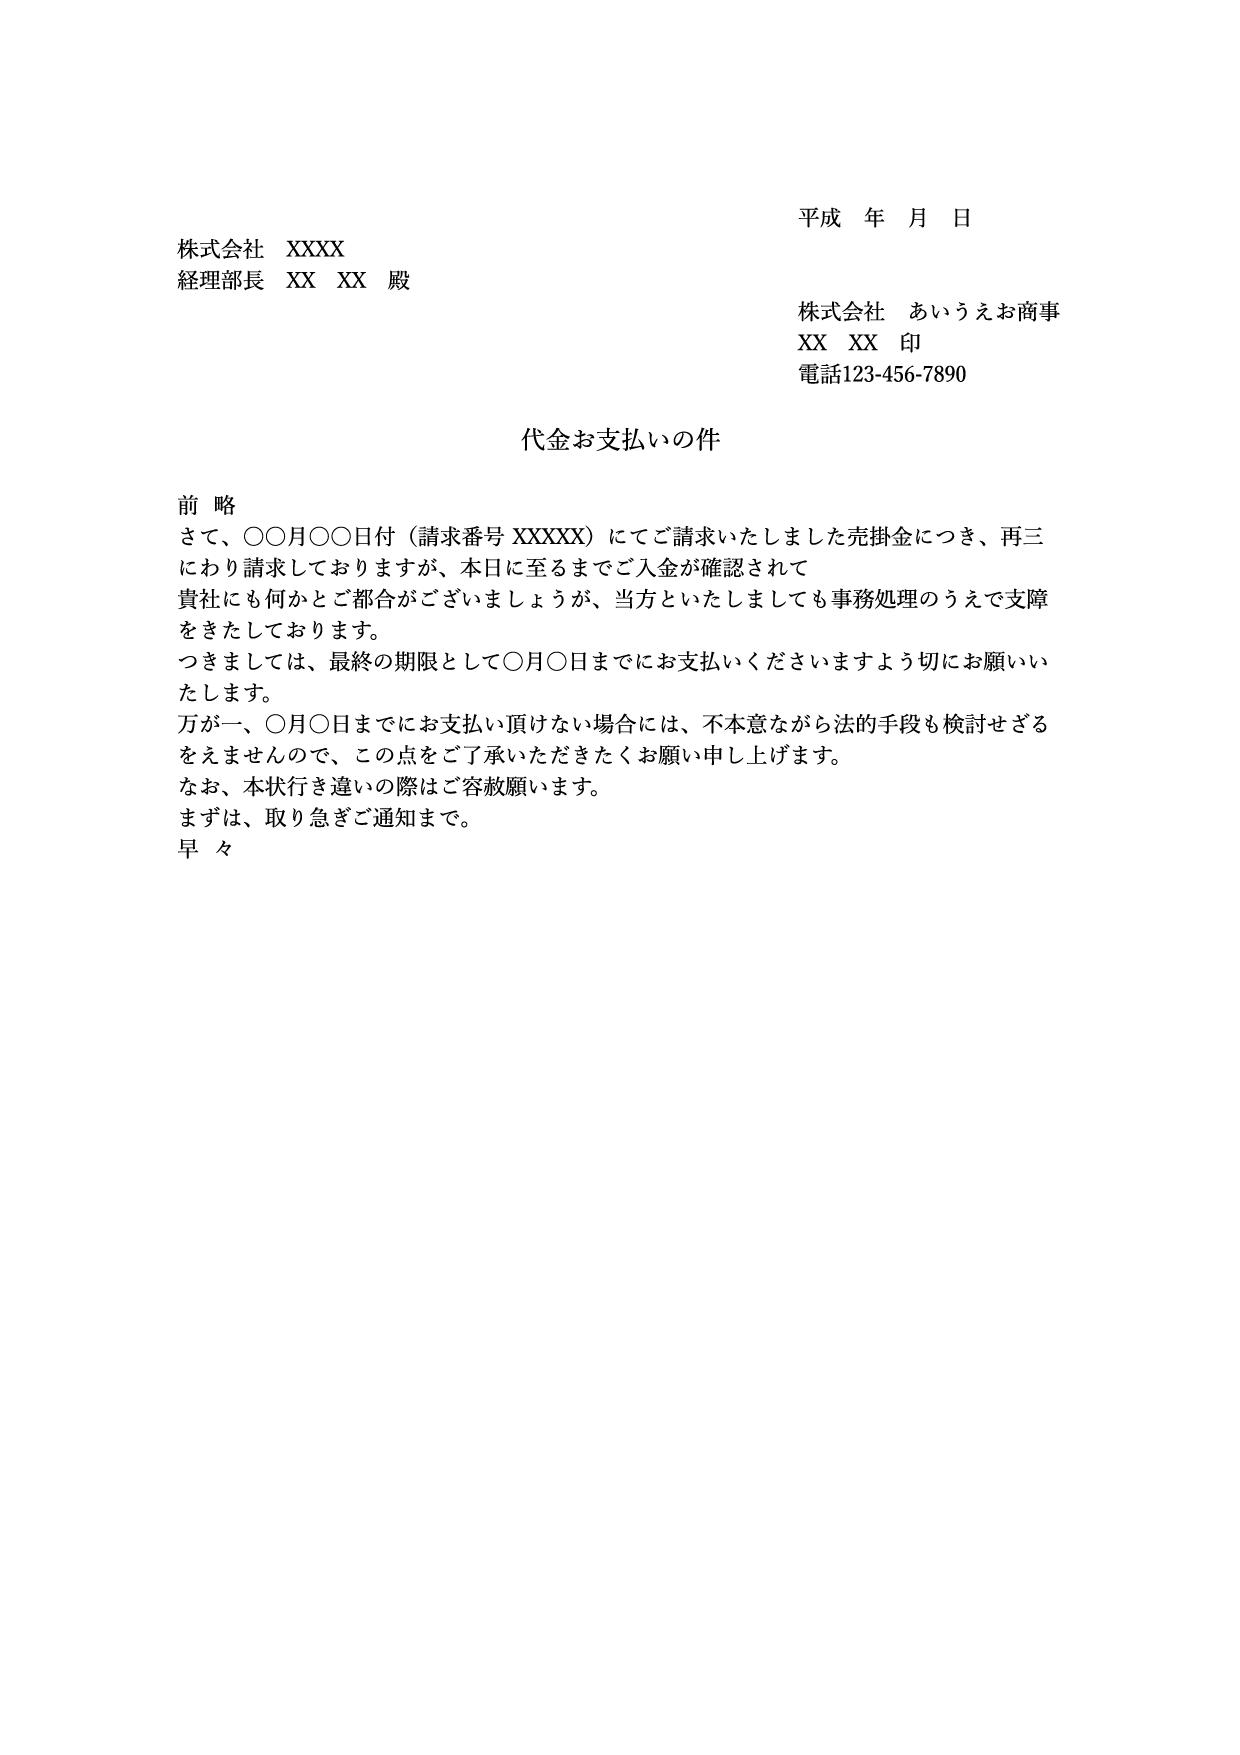 督促状テンプレート『最終督促_支払』(ワード・ページズ)